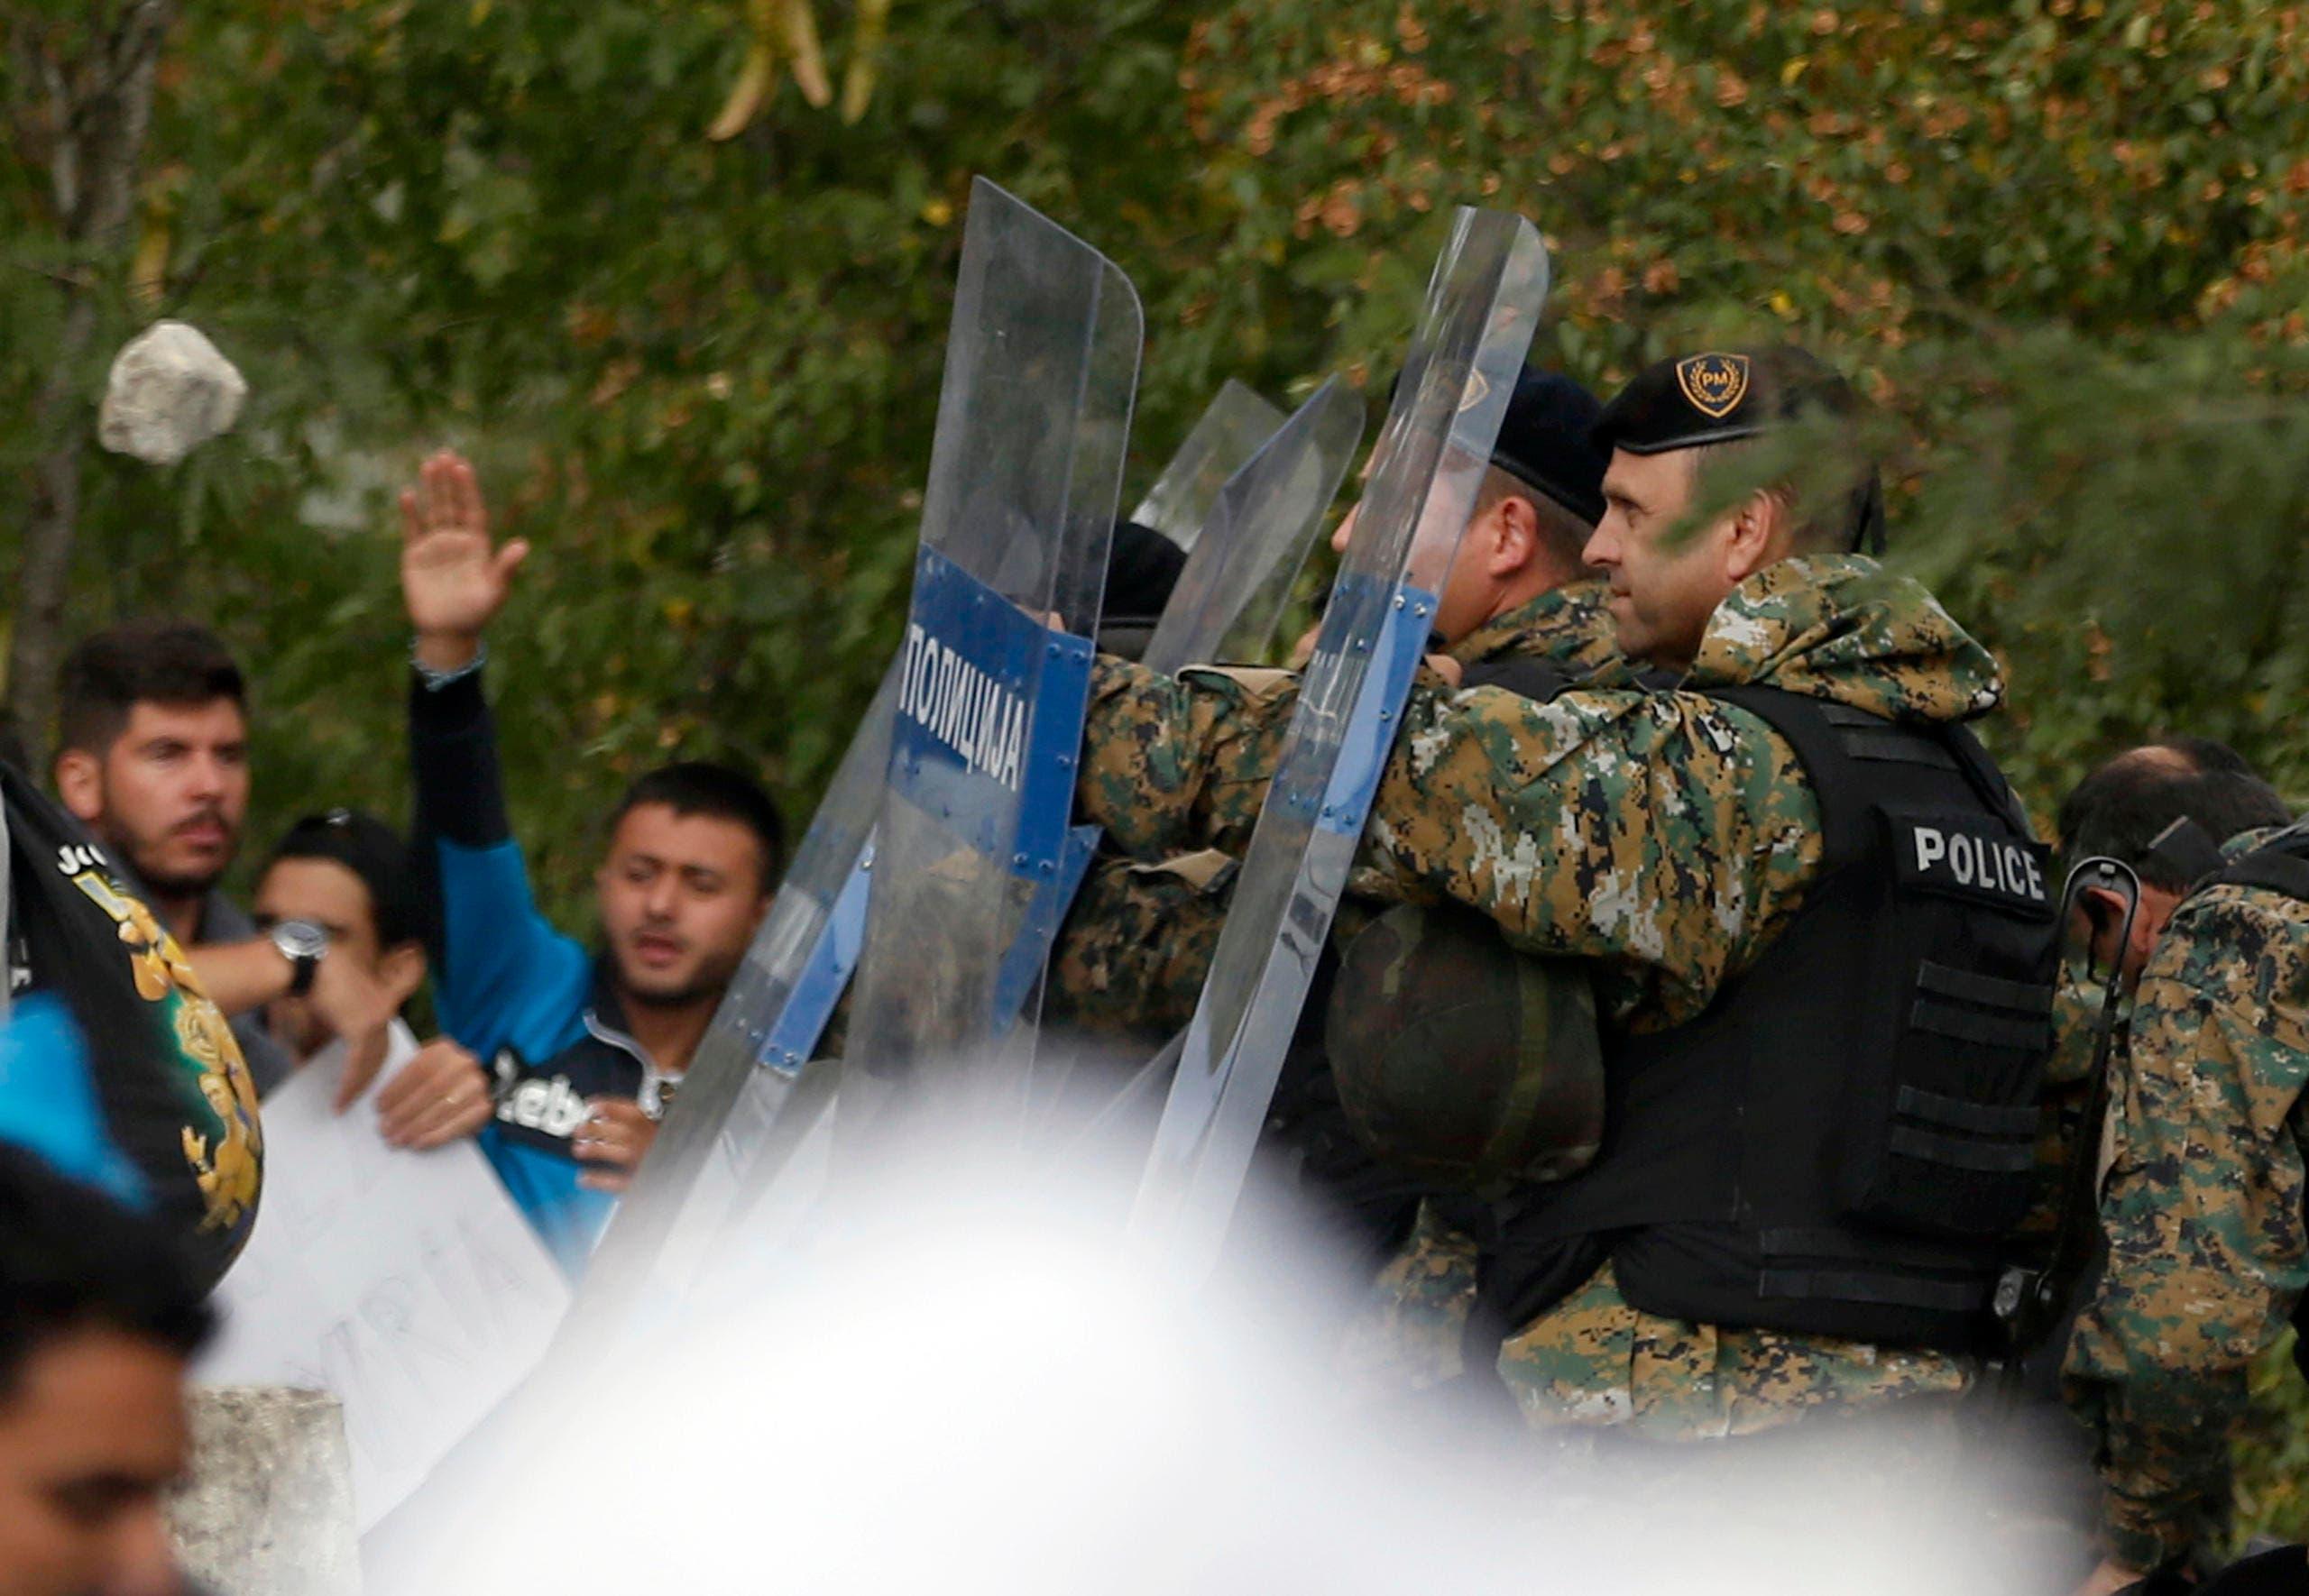 Ein Stein fliegt auf die Polizisten zu. (Bild: Keystone/AP Photo/Darko Vojinovic)